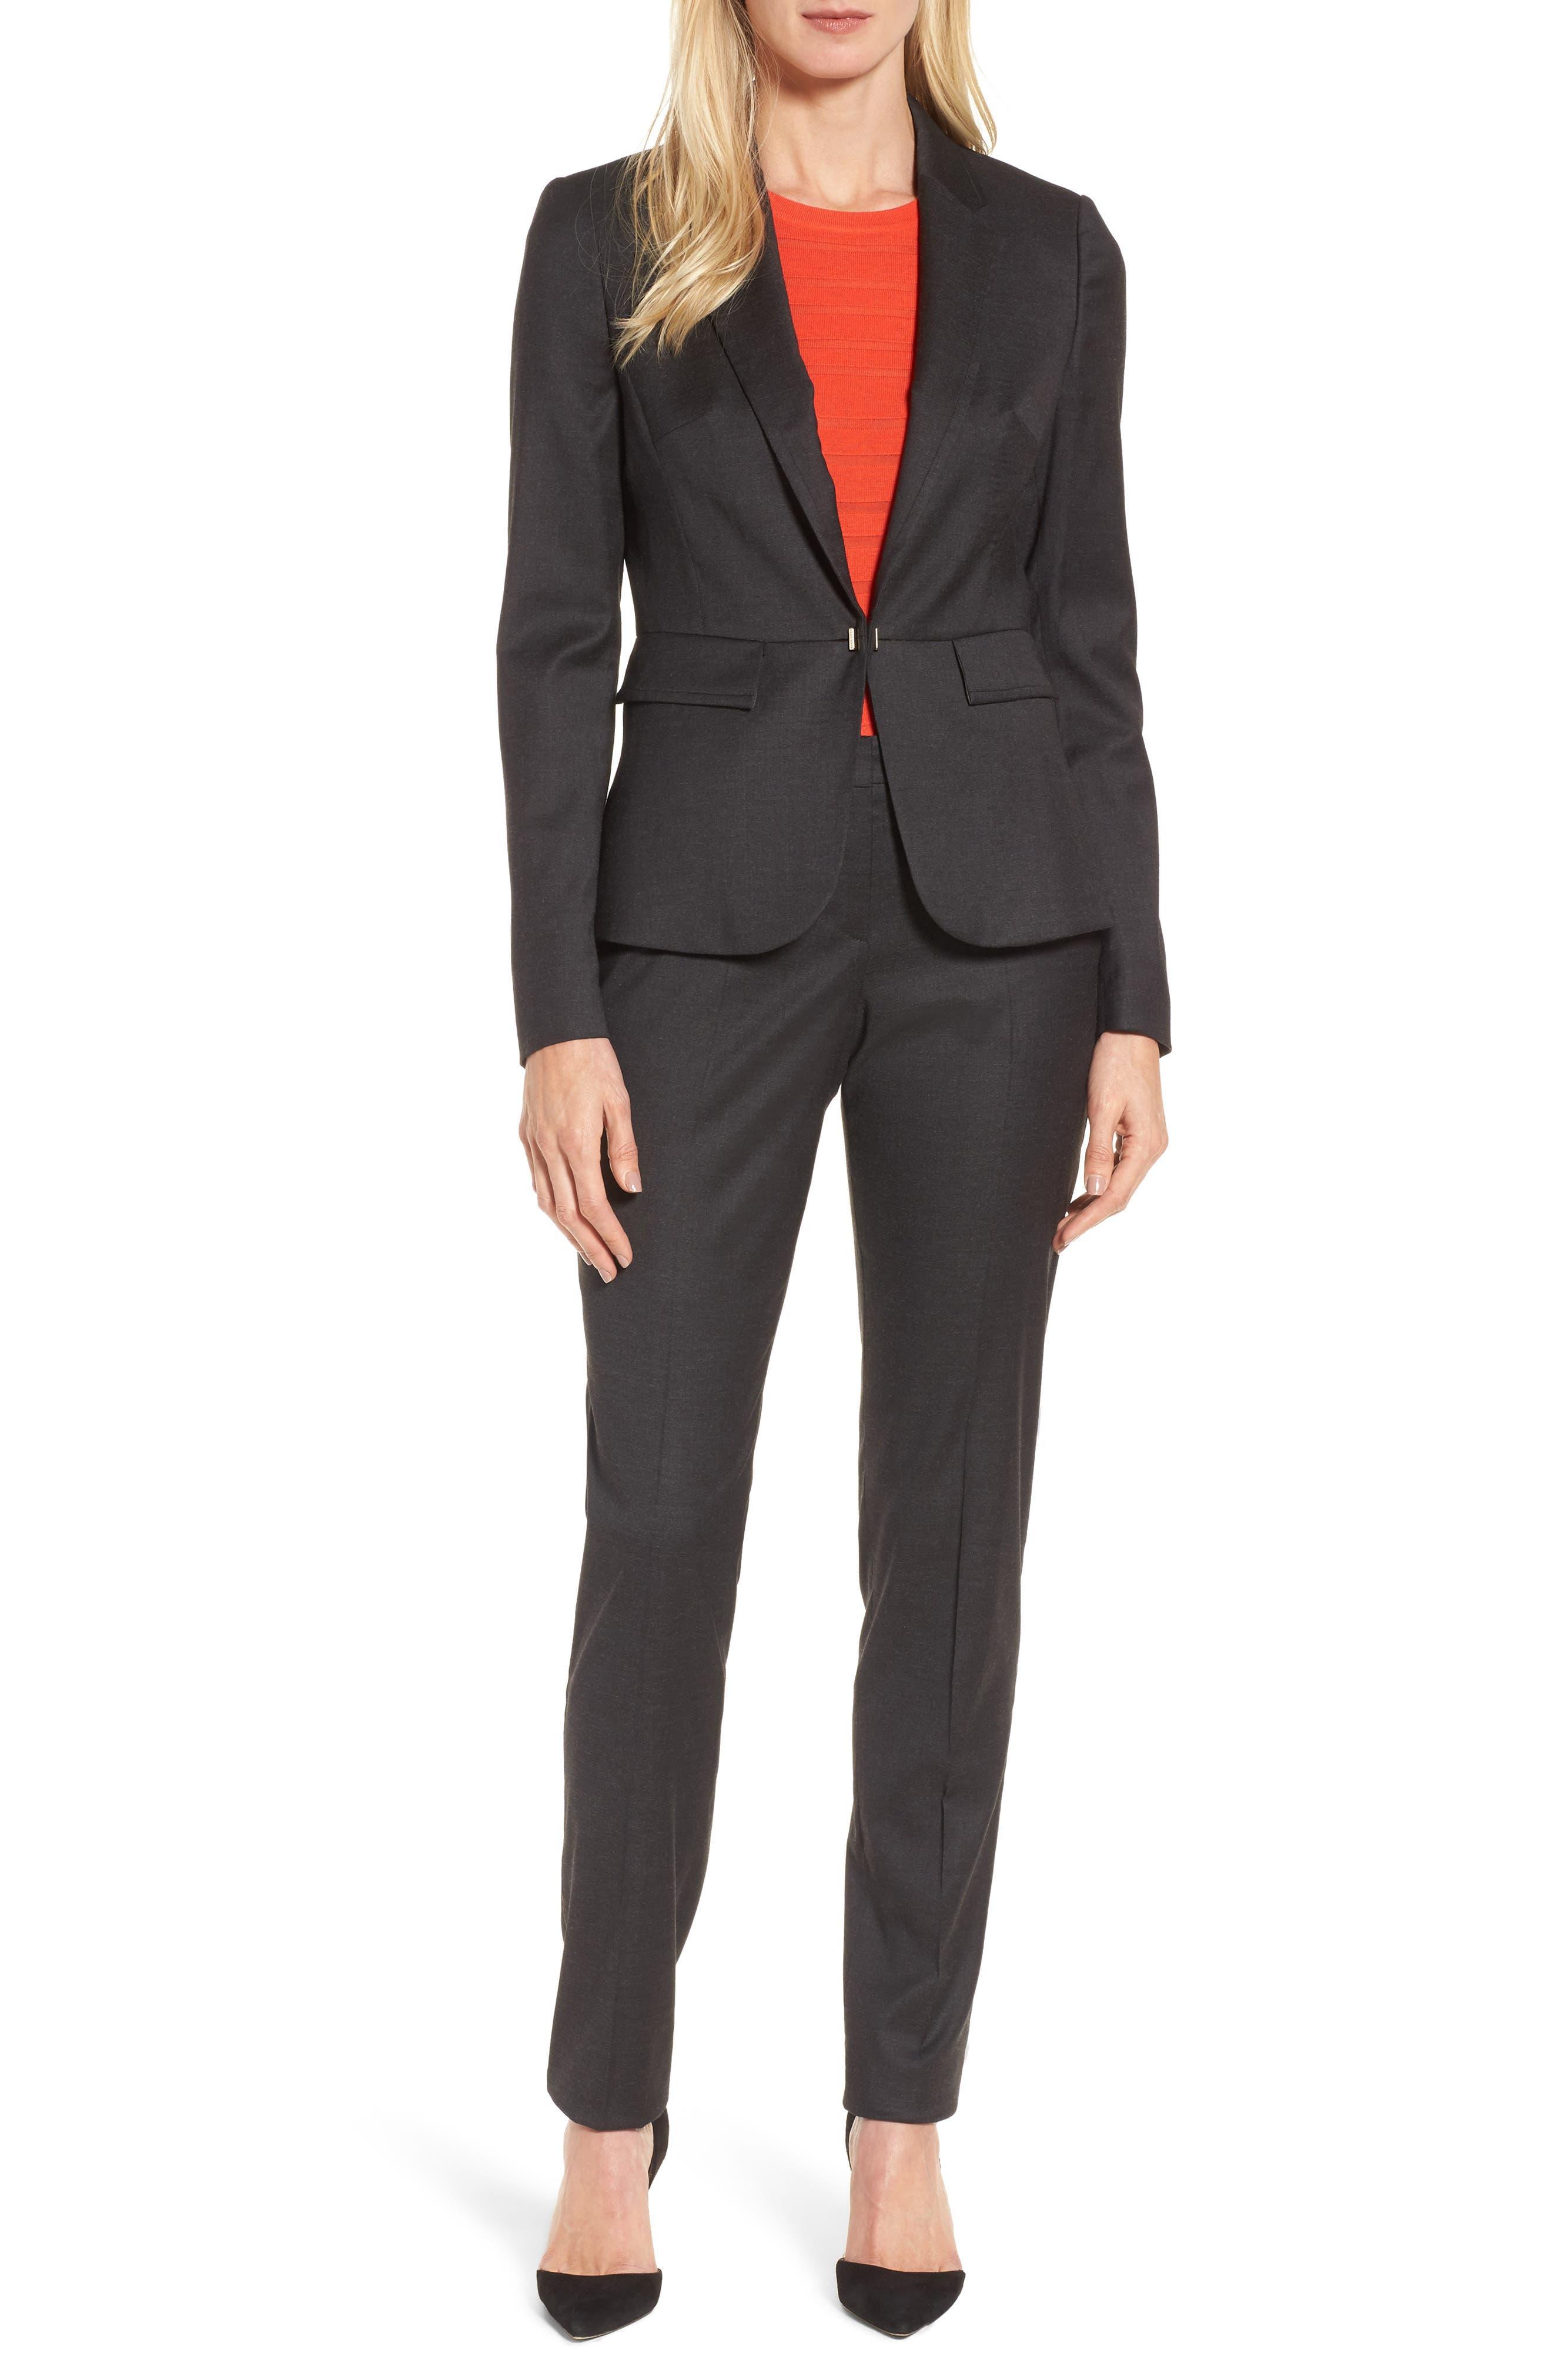 Tilunana Stretch Wool Blend Suit Trousers,                             Alternate thumbnail 7, color,                             094